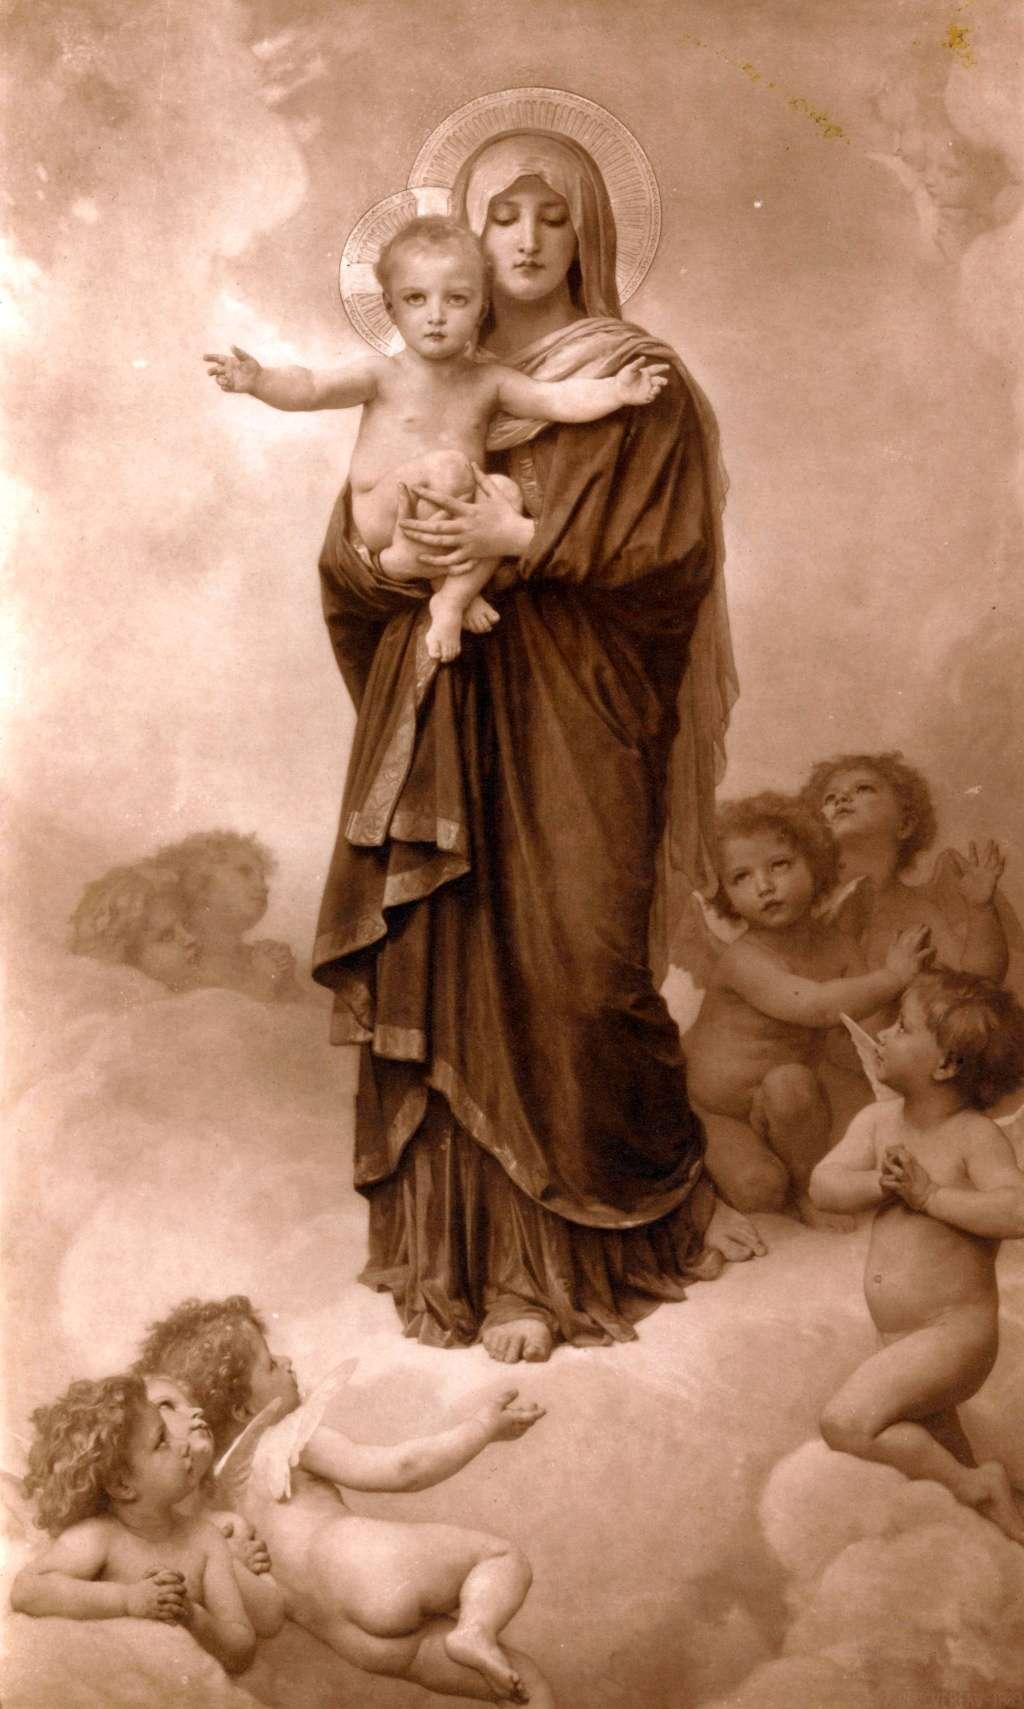 William Bouguereau et la Religion - Page 2 Notre-10